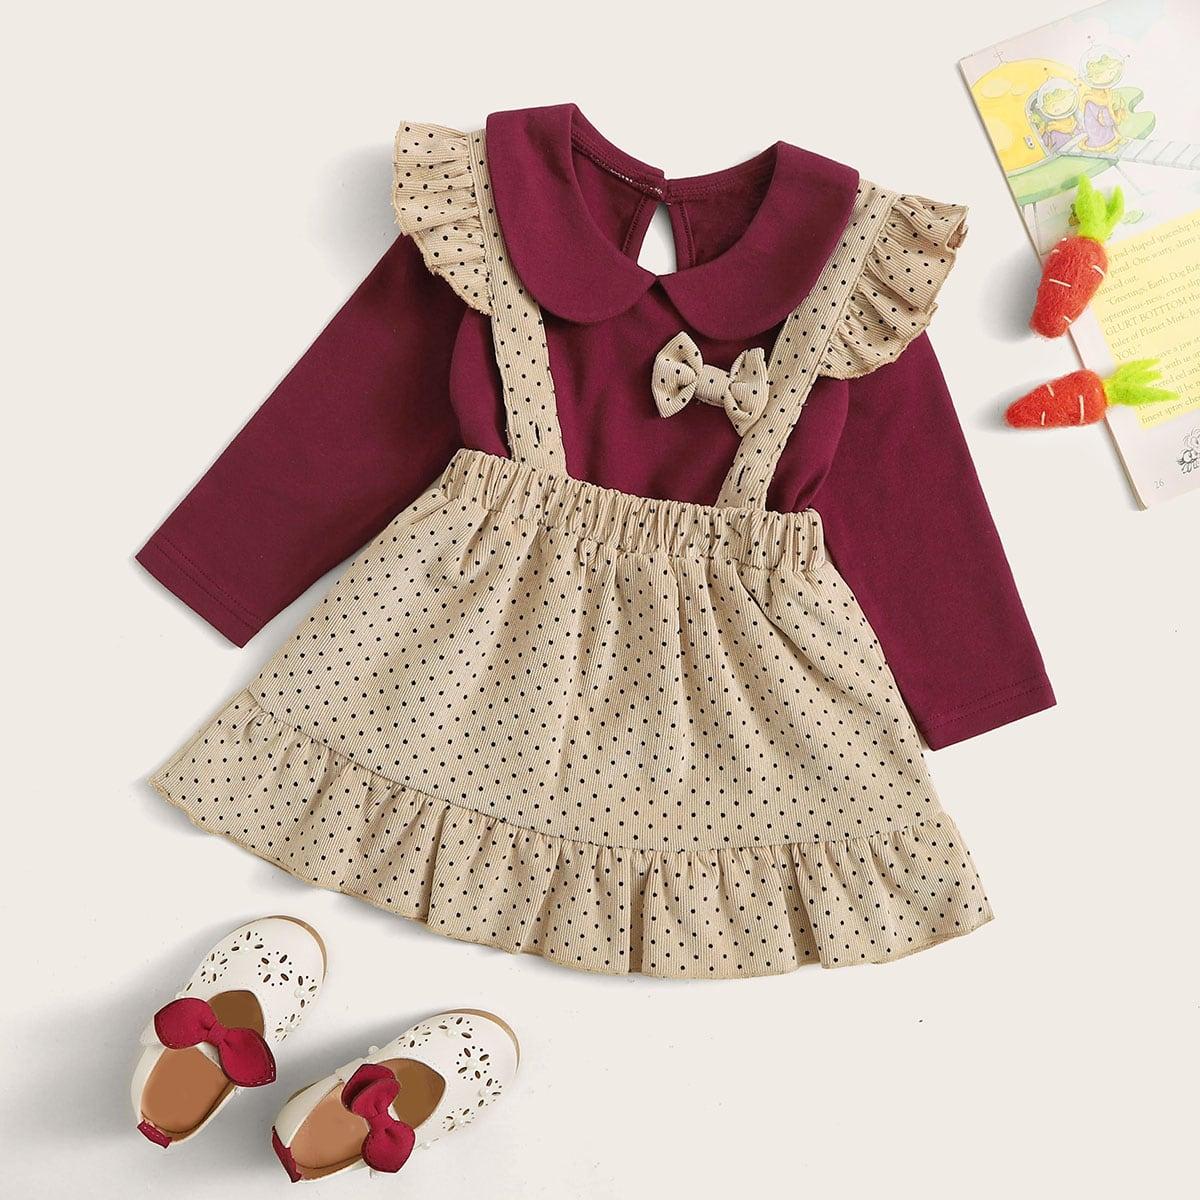 Baby Mädchen T-Shirt mit Peter Pan Kragen, Schleife & Rock mit Punkten Muster und Raffung